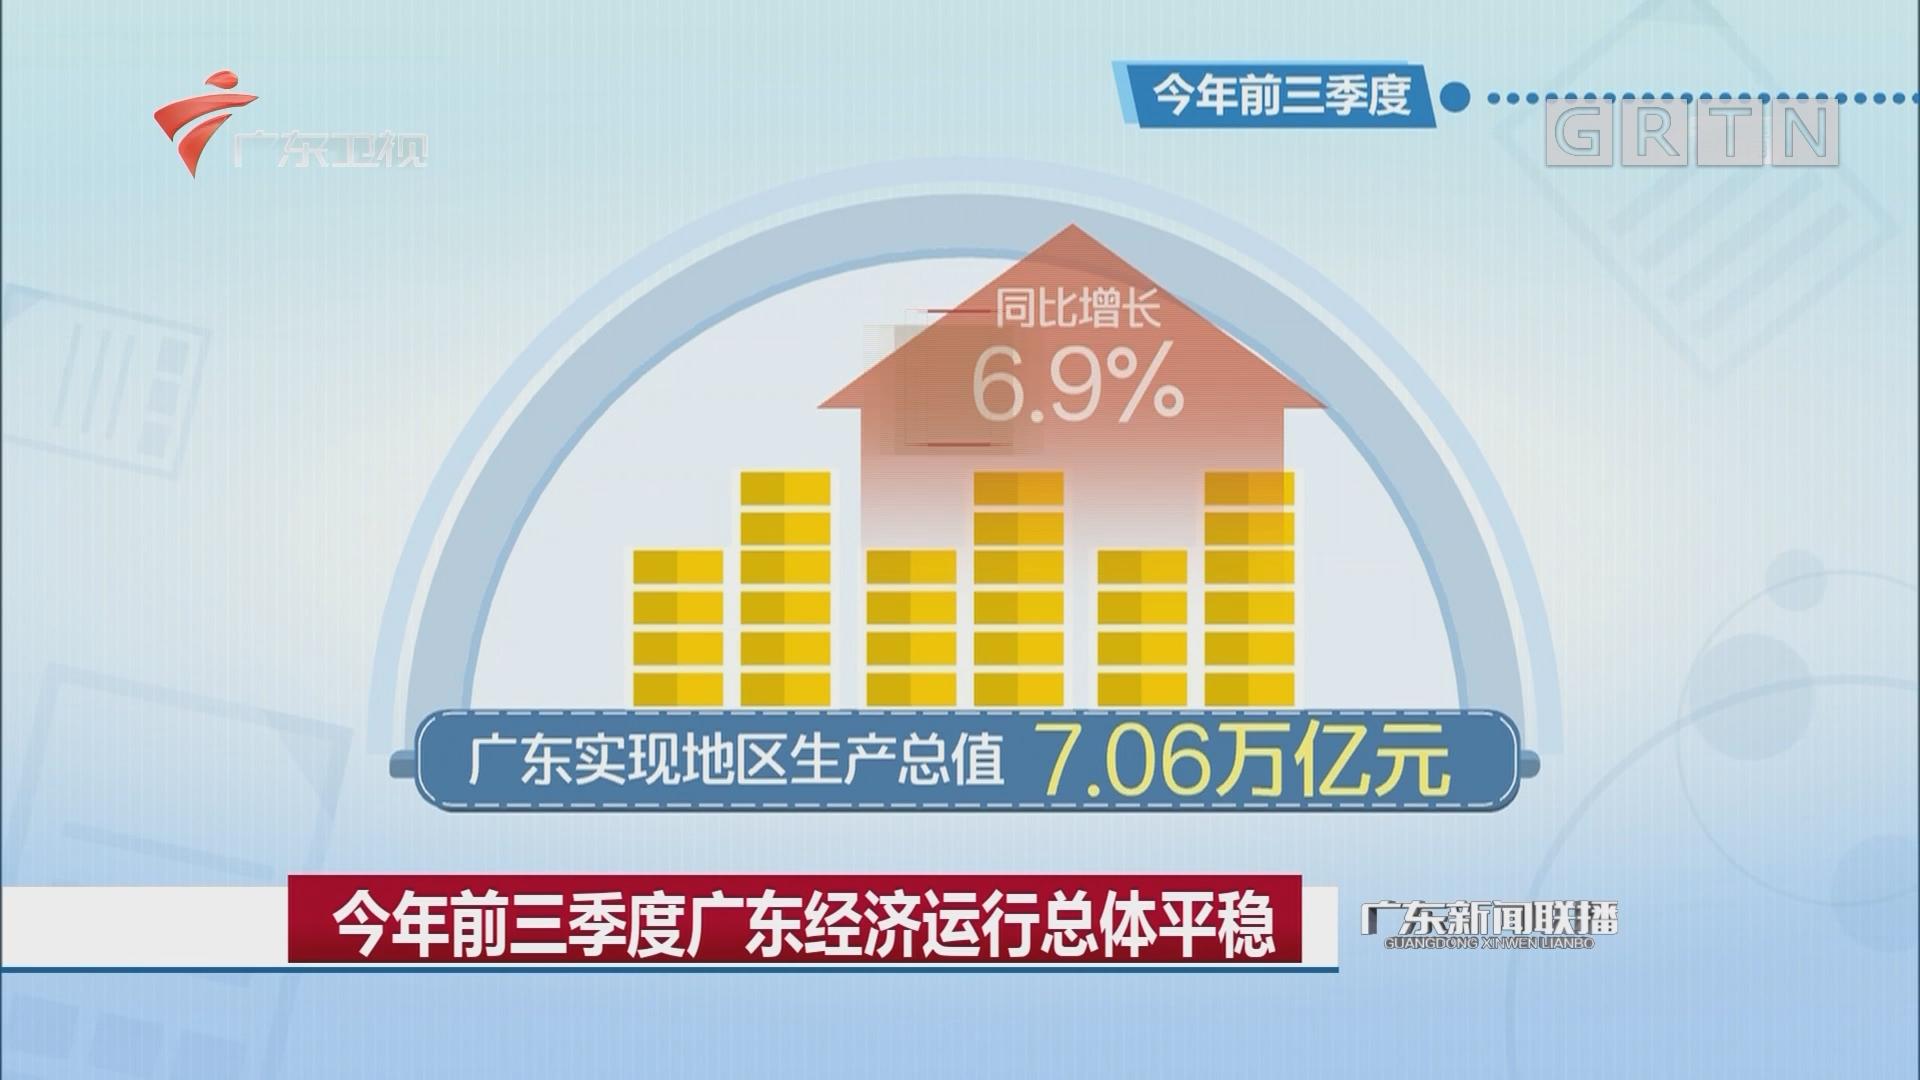 今年前三季度广东经济运行总体平稳